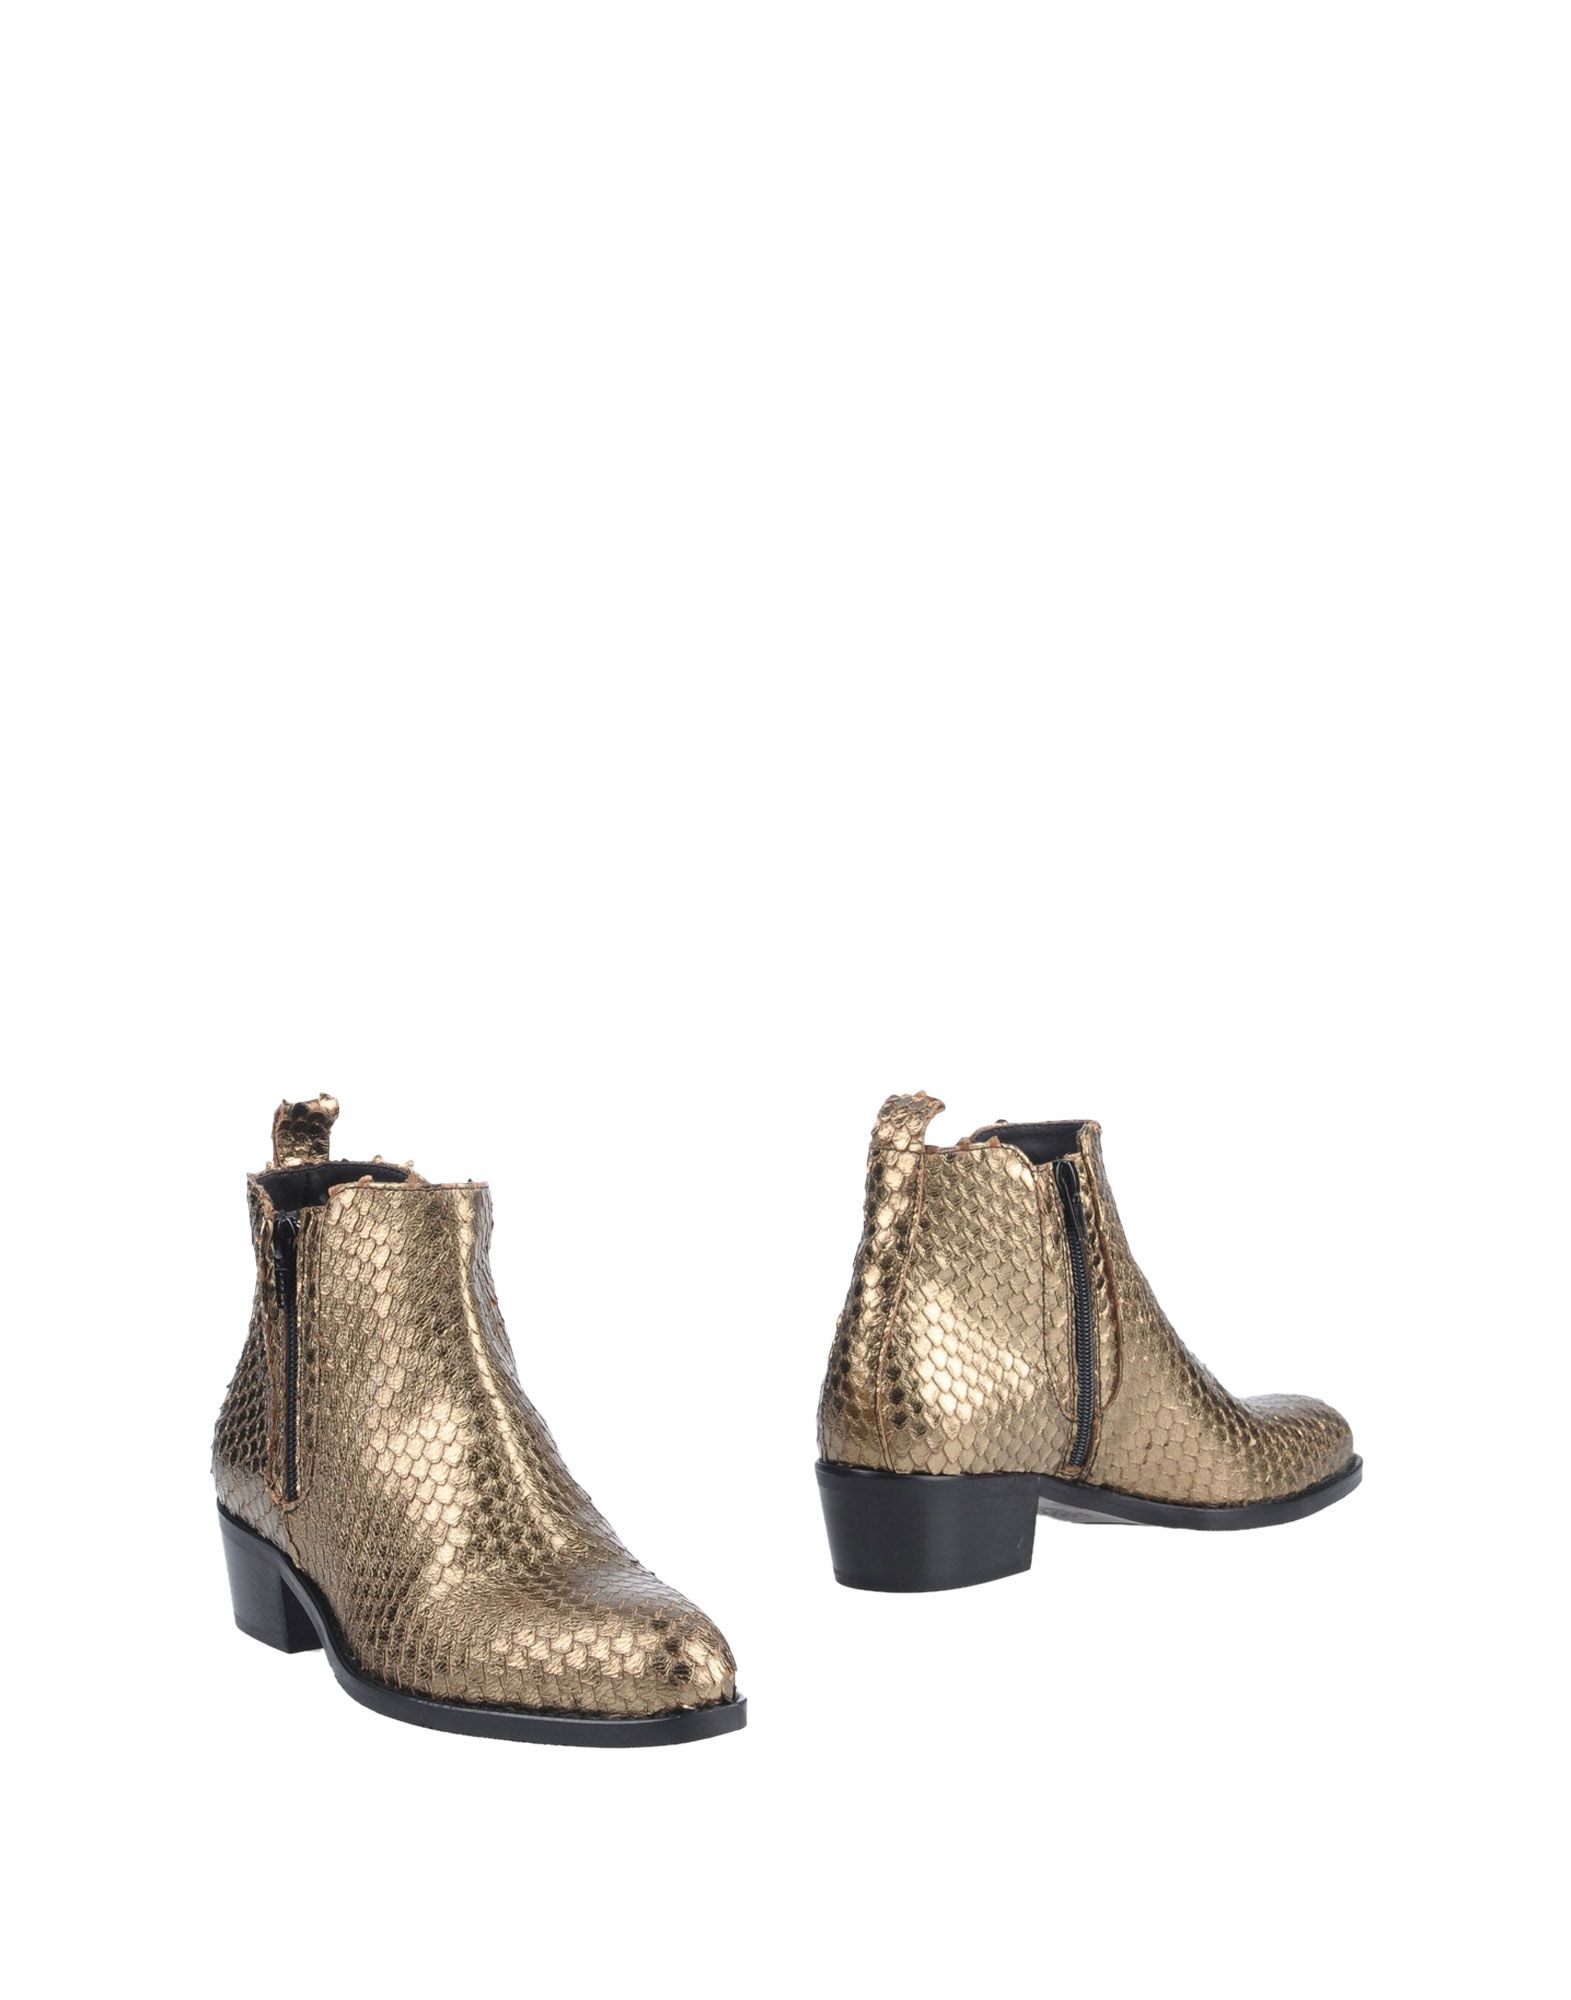 ALEXANDER HOTTO Полусапоги и высокие ботинки alexander hotto alexander hotto стильные ботинки мужские 38035